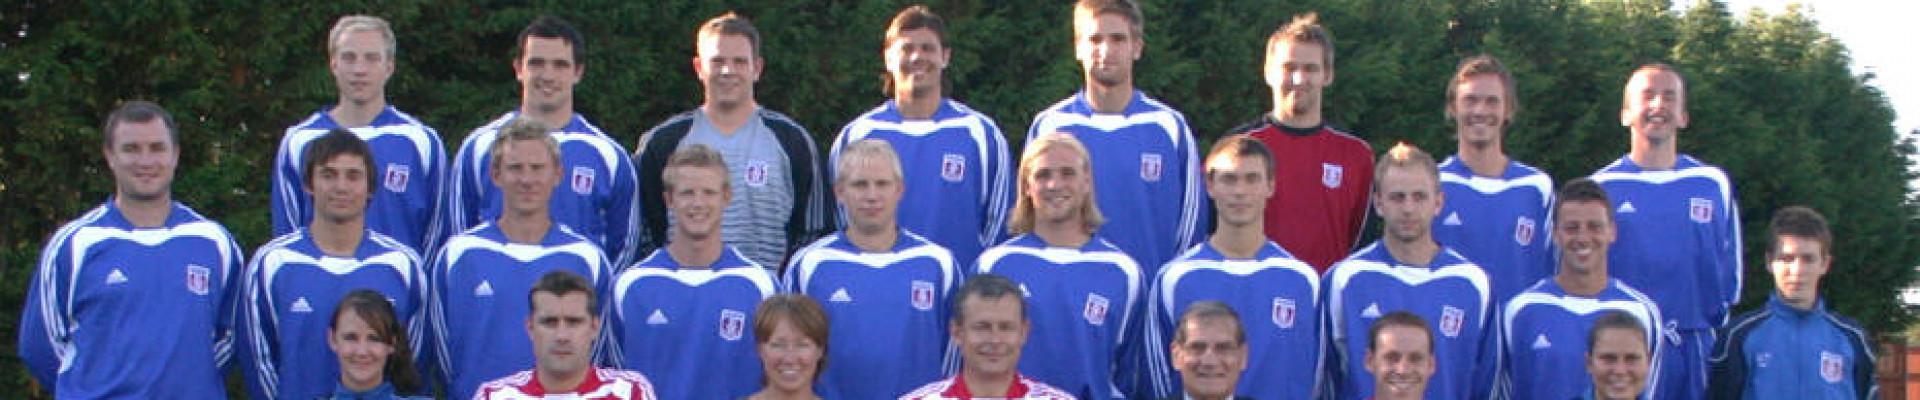 Appearances 2006/07 Season